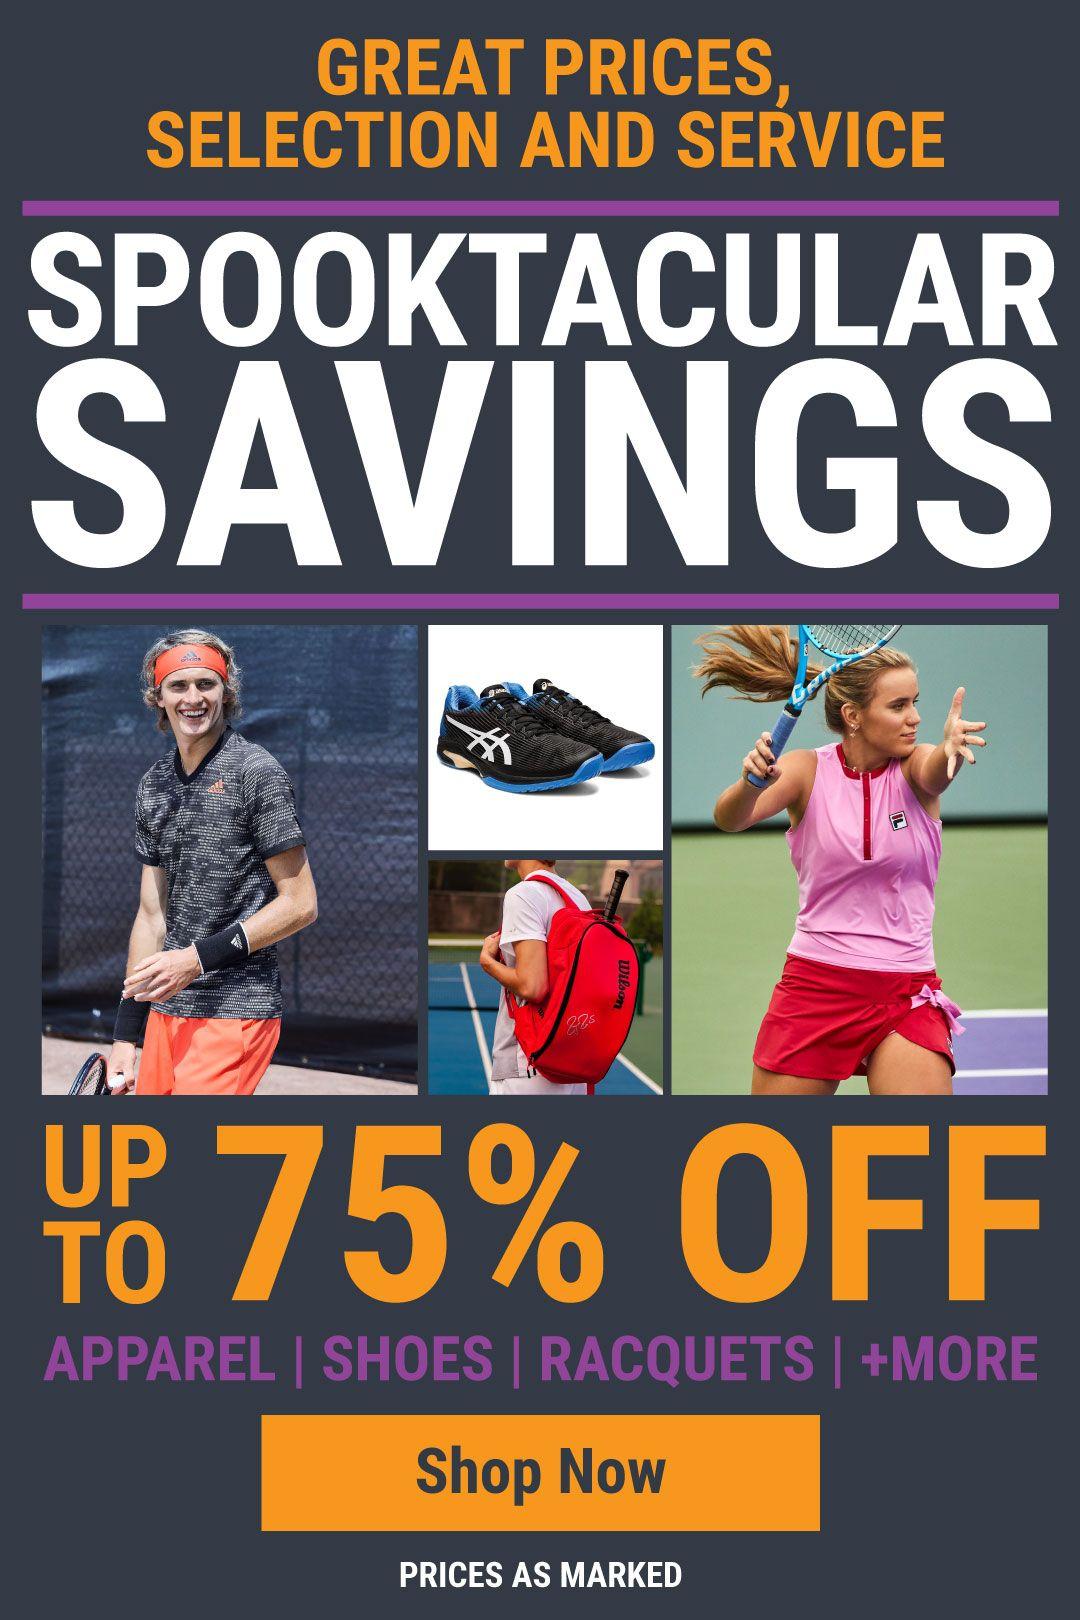 Spooktacular Savings Sale